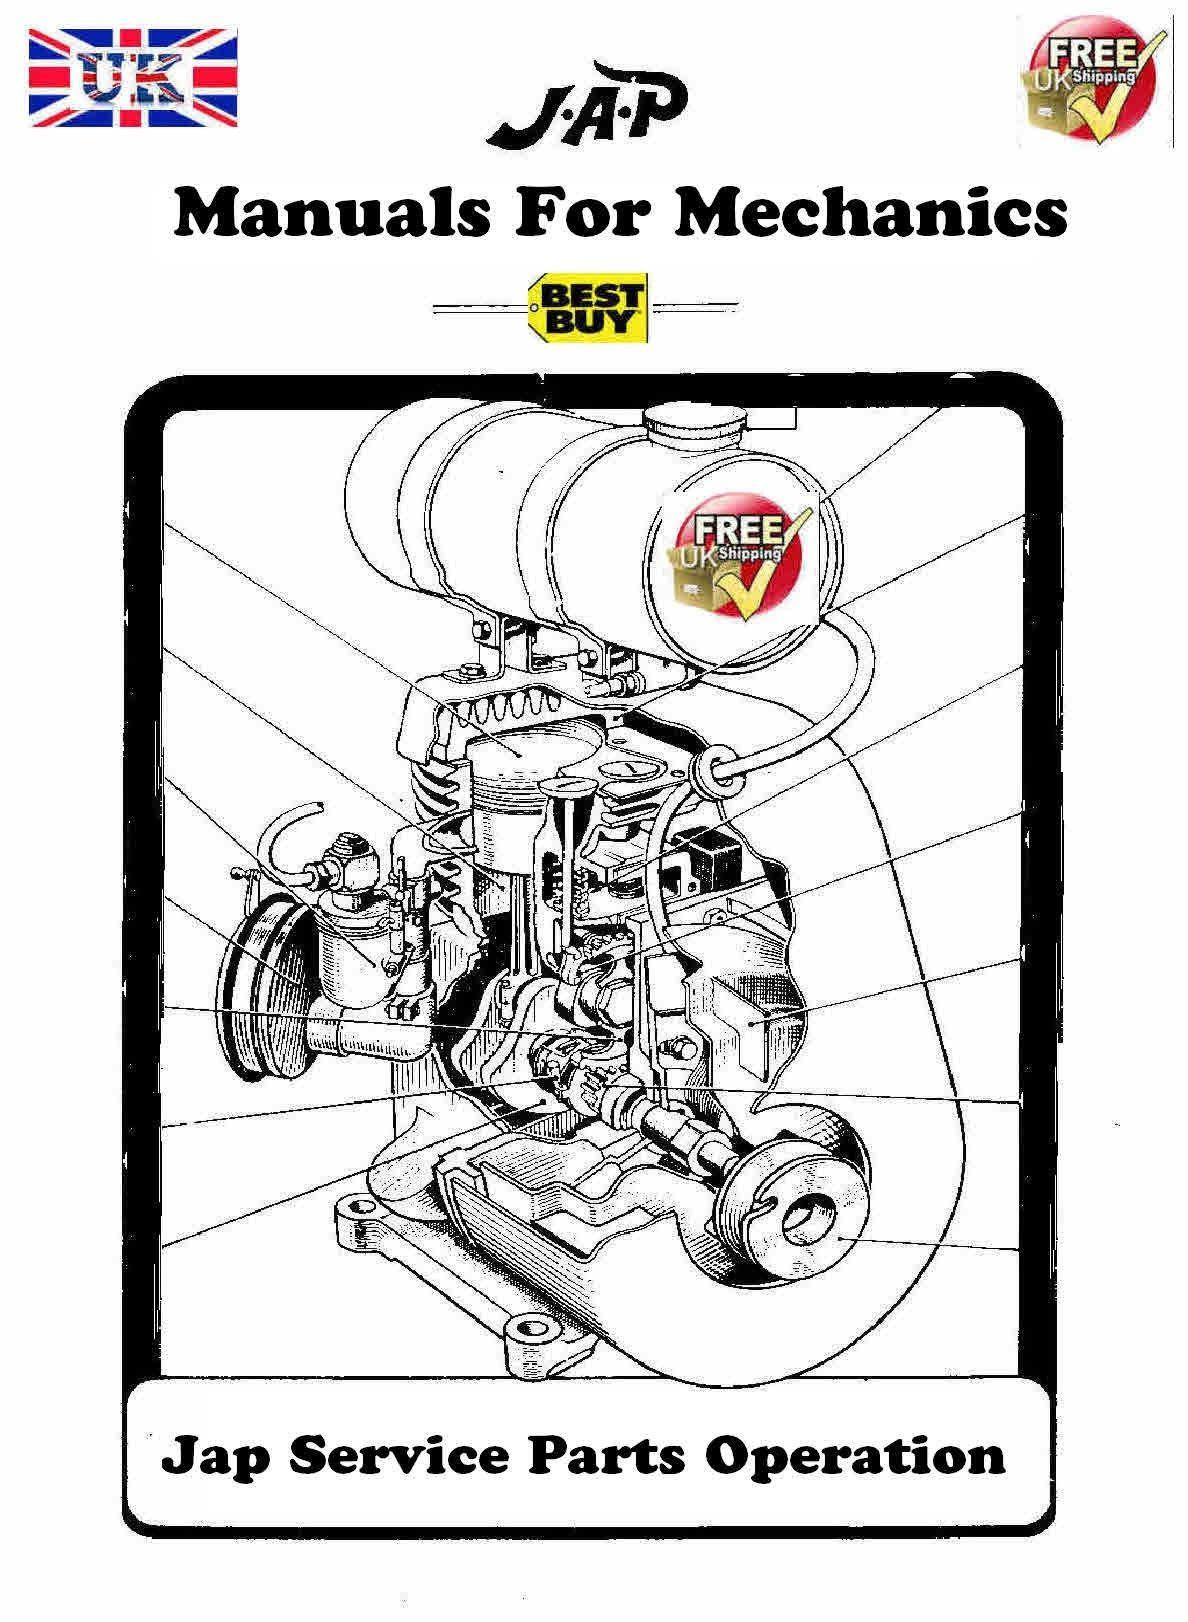 jap engine manuals for mechanics vintage auto manual covers rh pinterest com